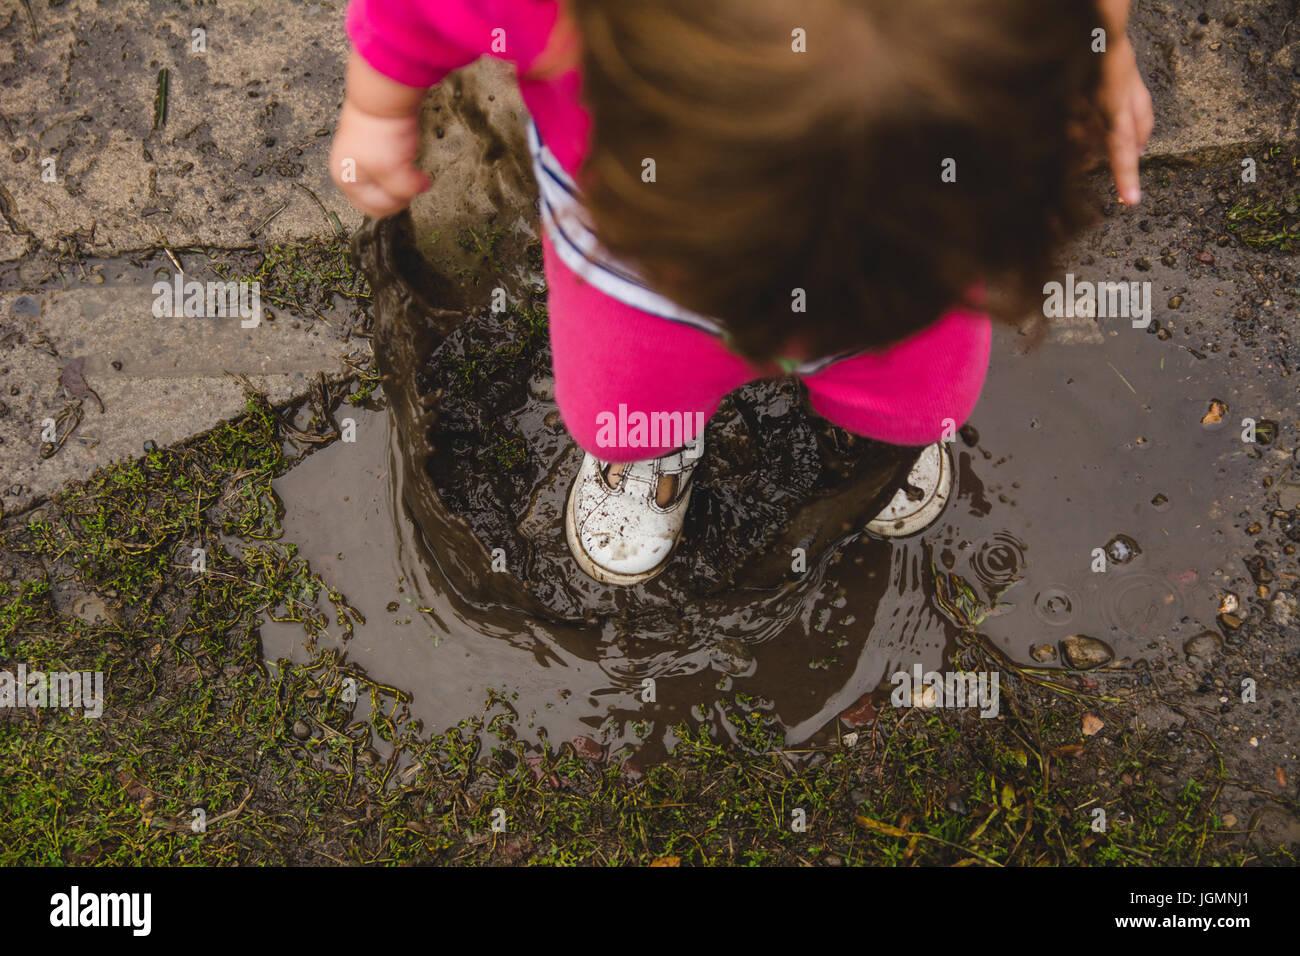 Ein 2-jähriges Mädchen, nach unten auf dem Boden und Schlammpfütze, Spritzer in ein Schlammloch, Stockbild